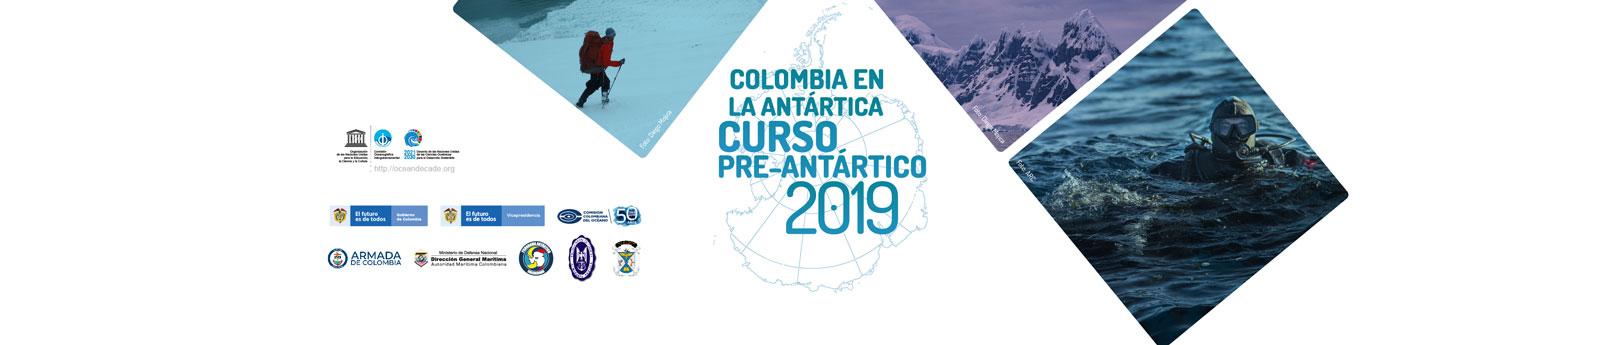 Alístate amigo expedicionario porque ya viene la versión 2019 del curso Pre- Antártico